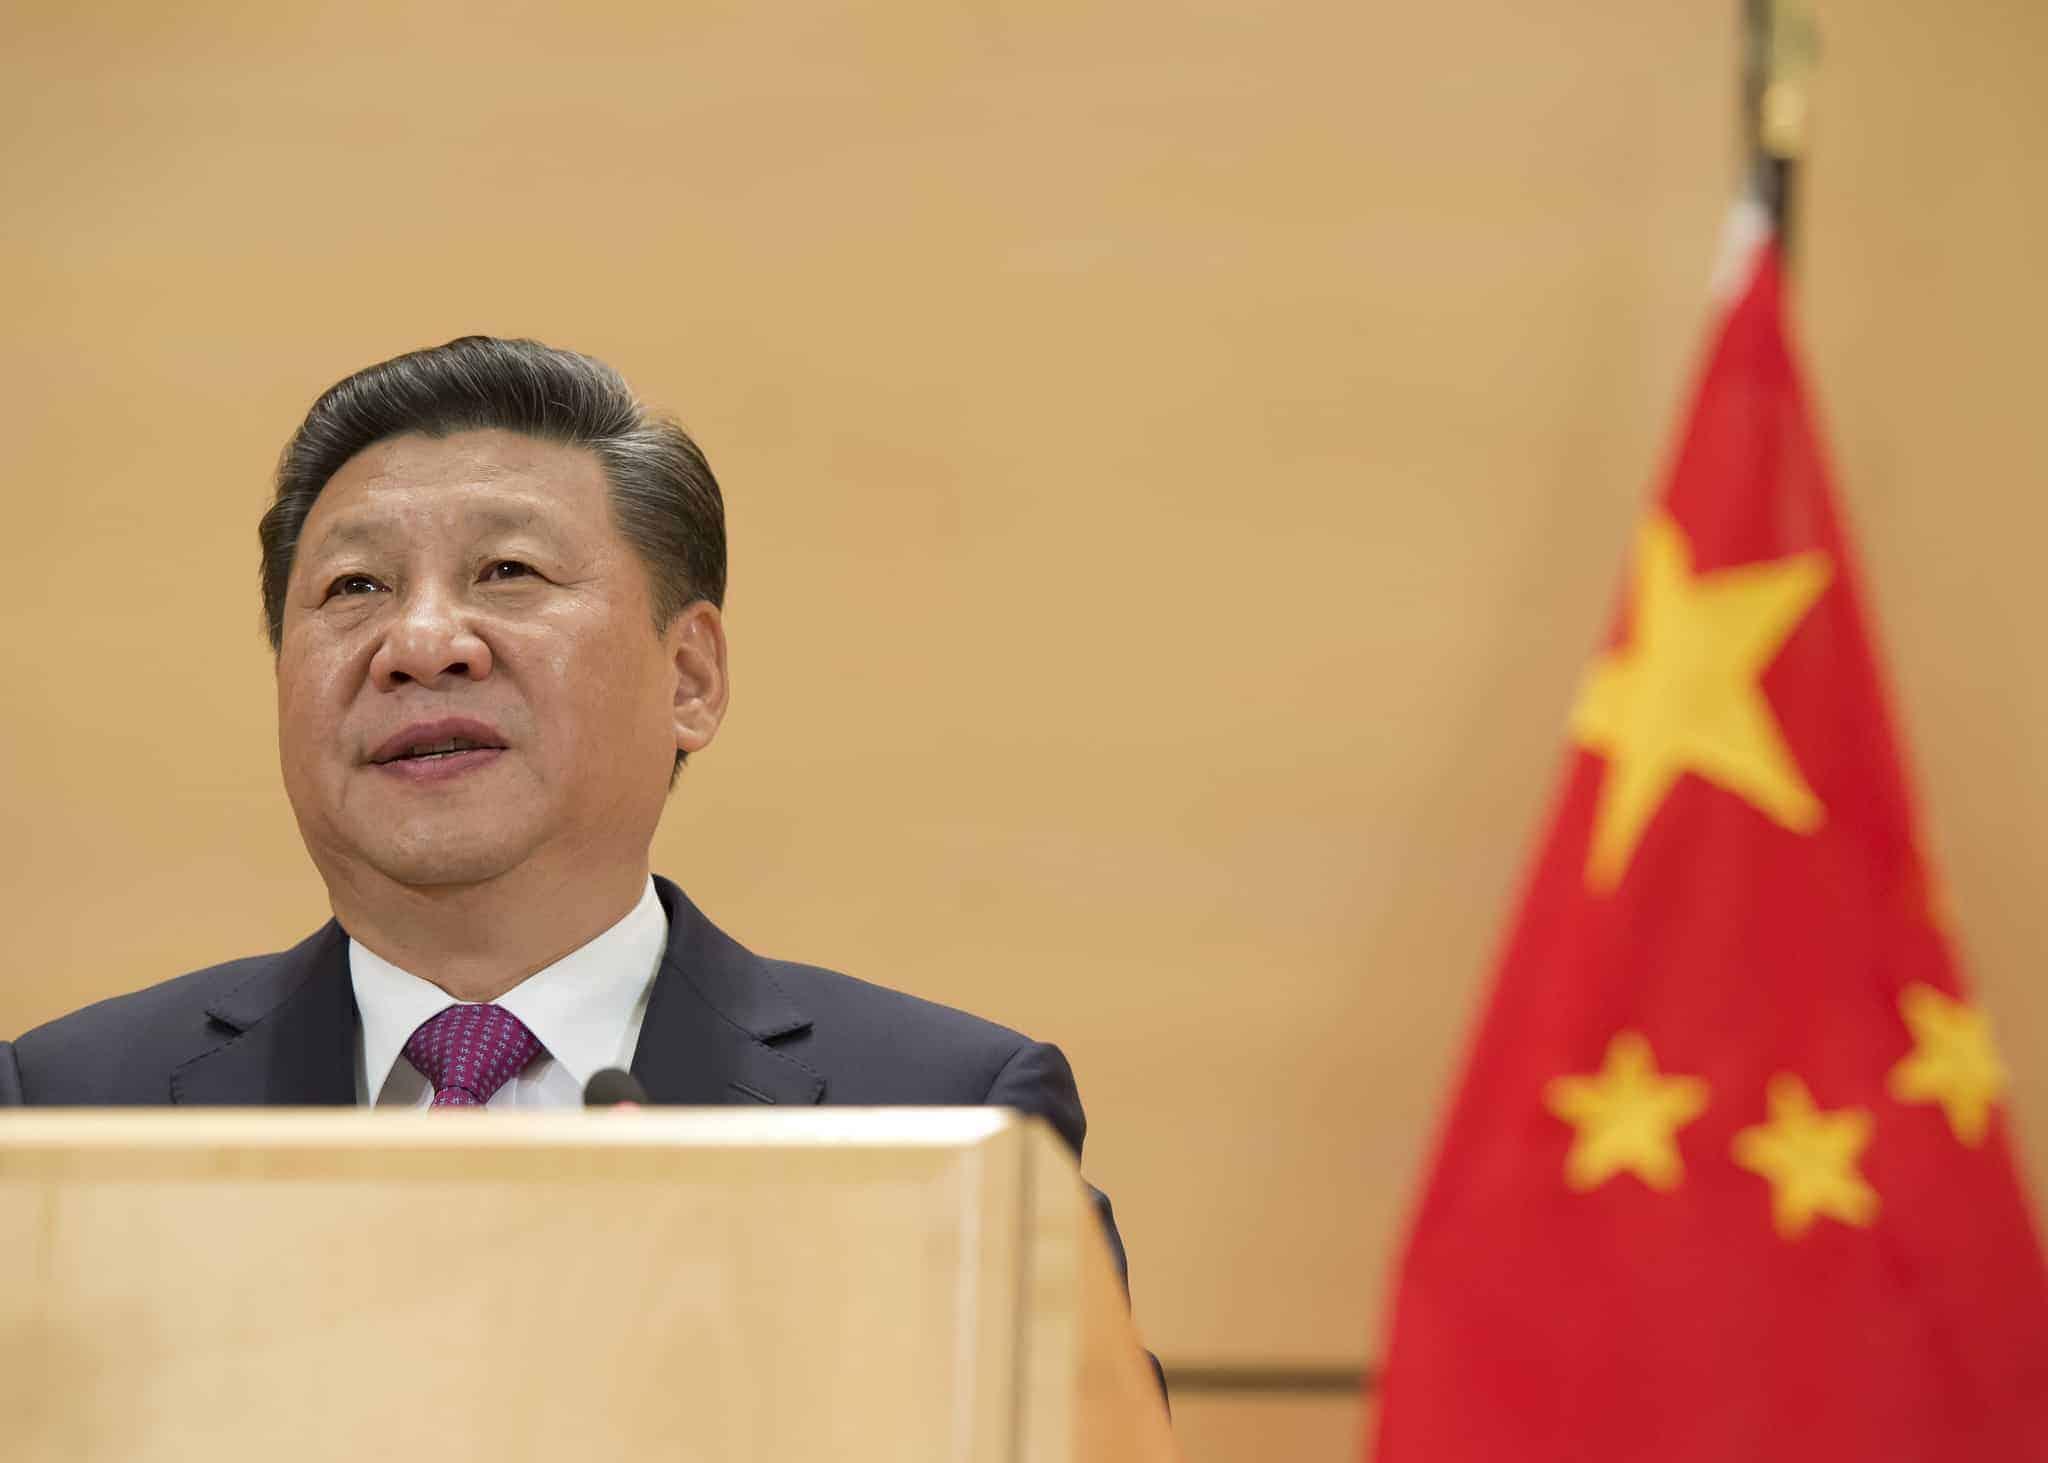 Xi Jinping UN Geneva Flickr 2